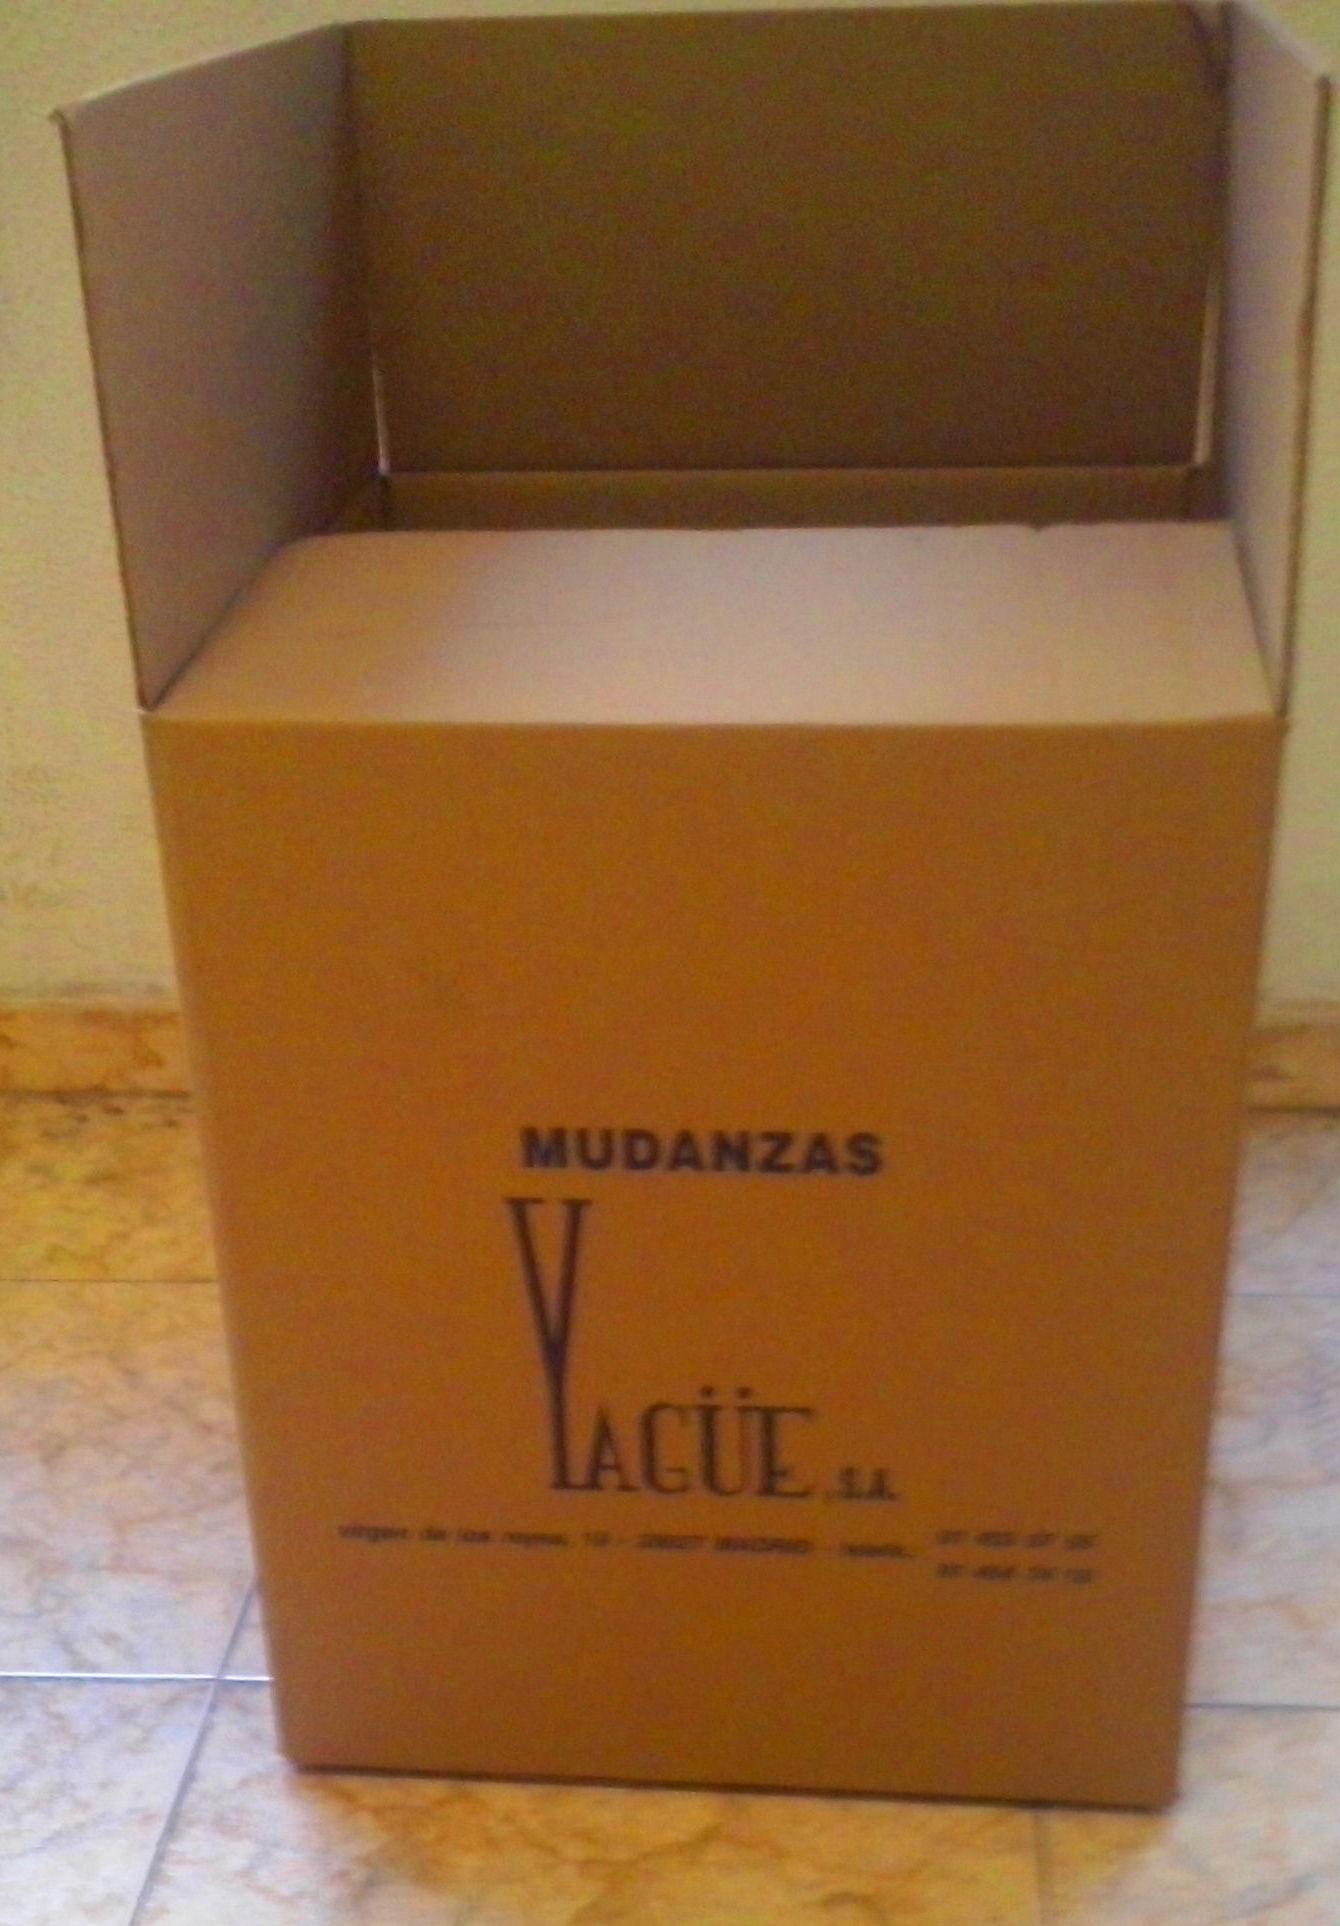 CAJAS PARA VAJILLA: SERVICIOS  de Mudanzas Yagüe              914047413